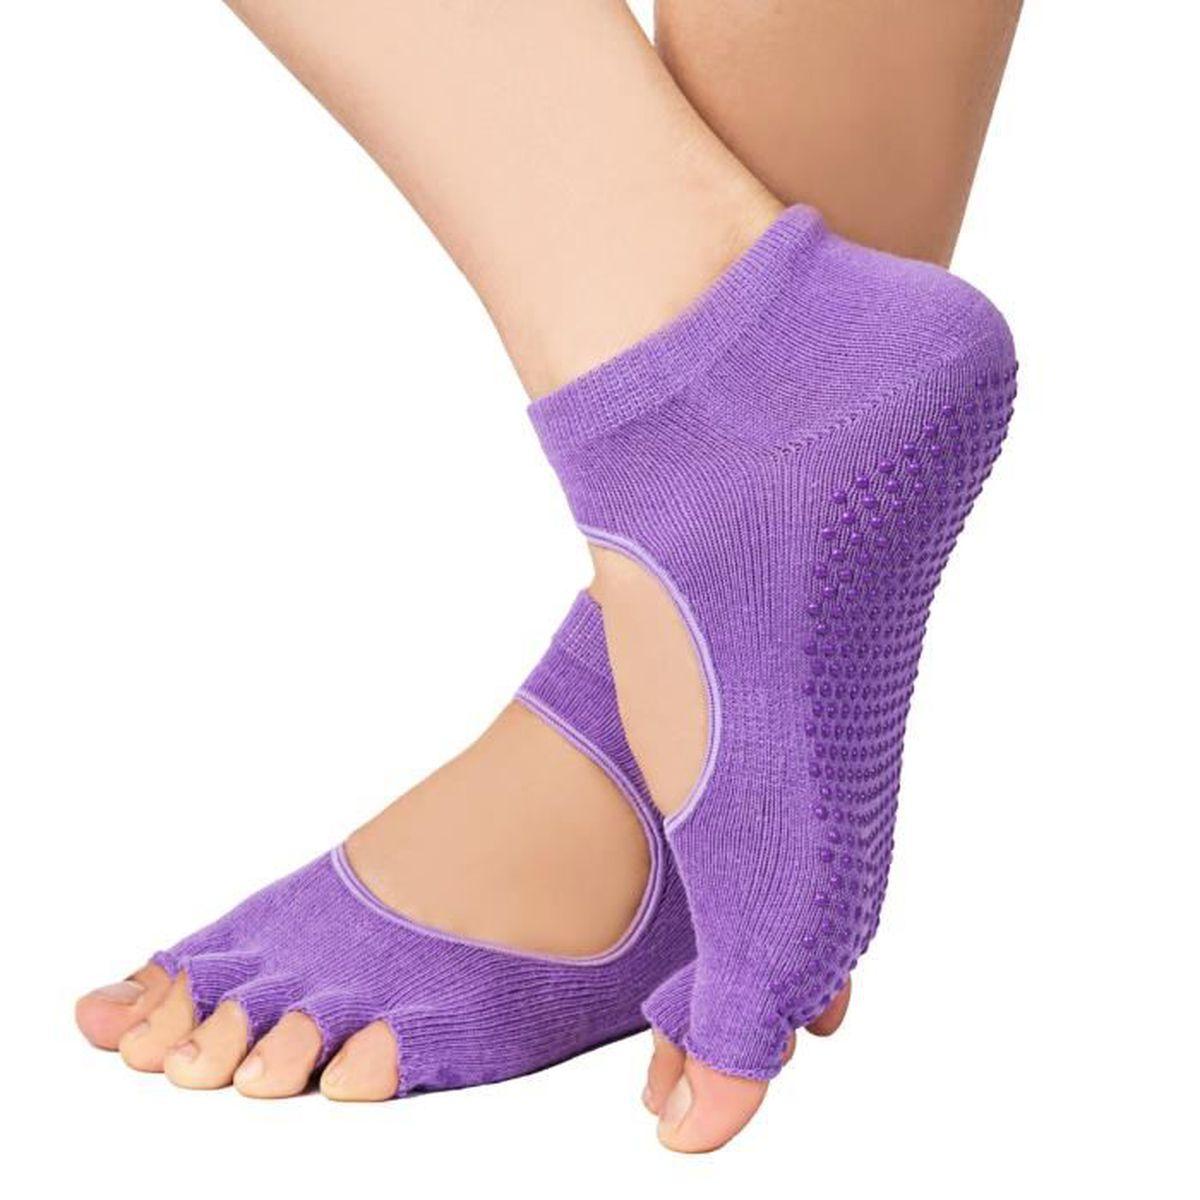 TAPIS DE SOL FITNESS Chaussure Femme Chaussettes de yoga 5cddff51549